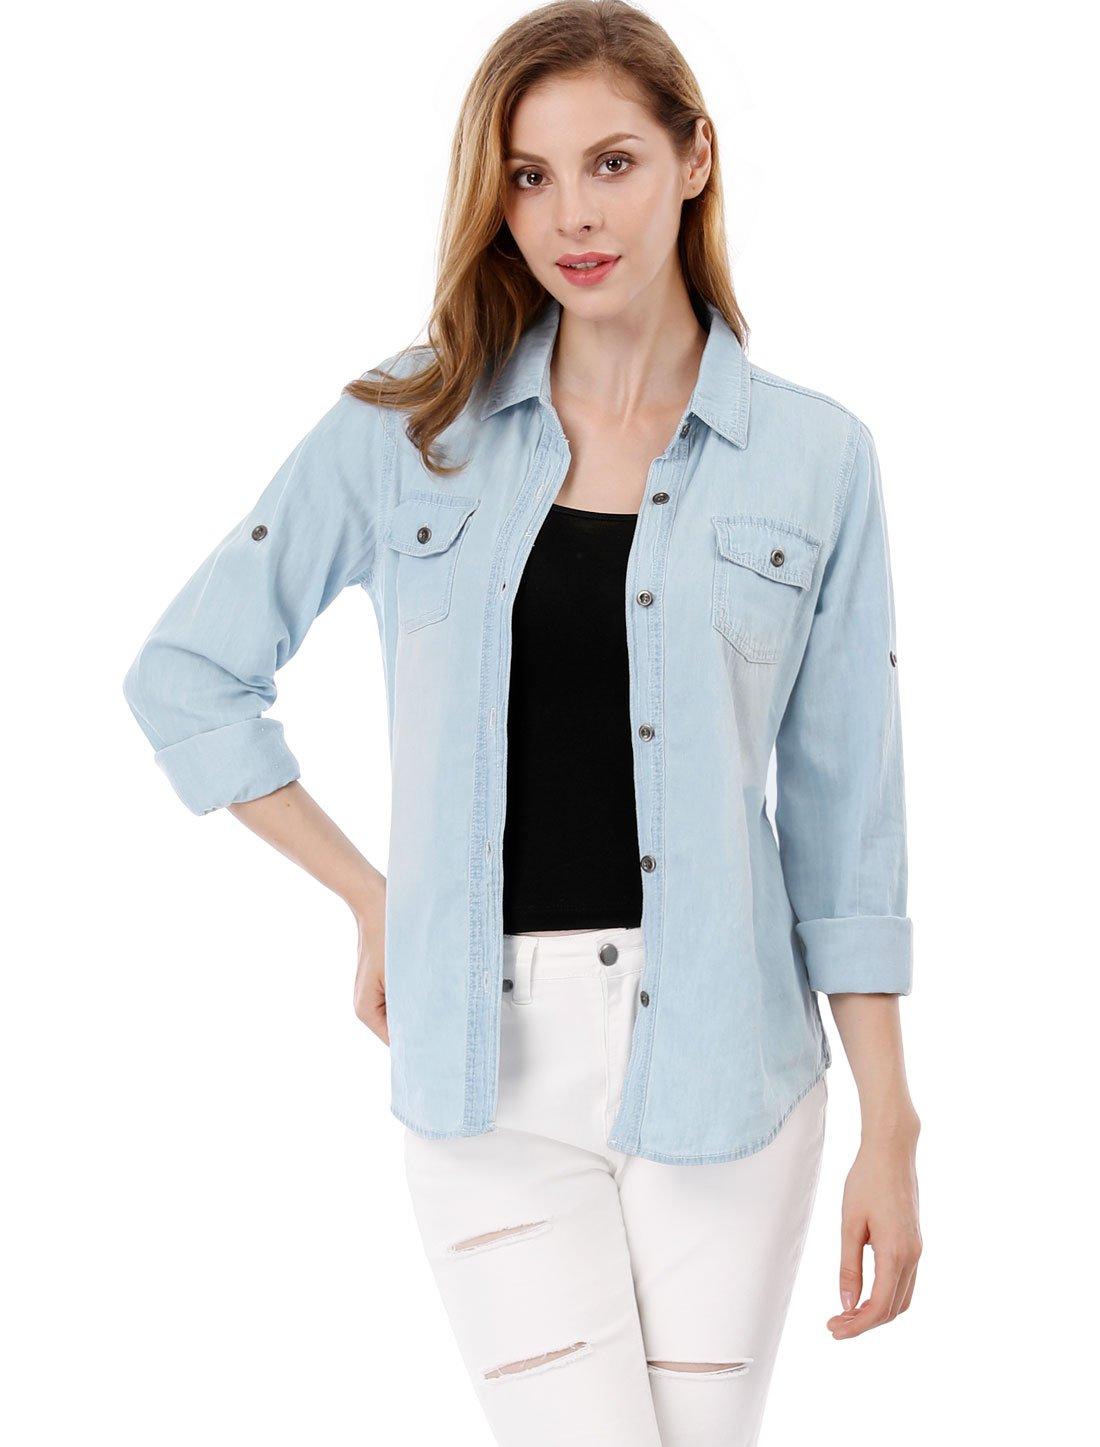 Allegra K Women's Long Sleeves Point Collar Casual Western Denim Shirt Light Blue M